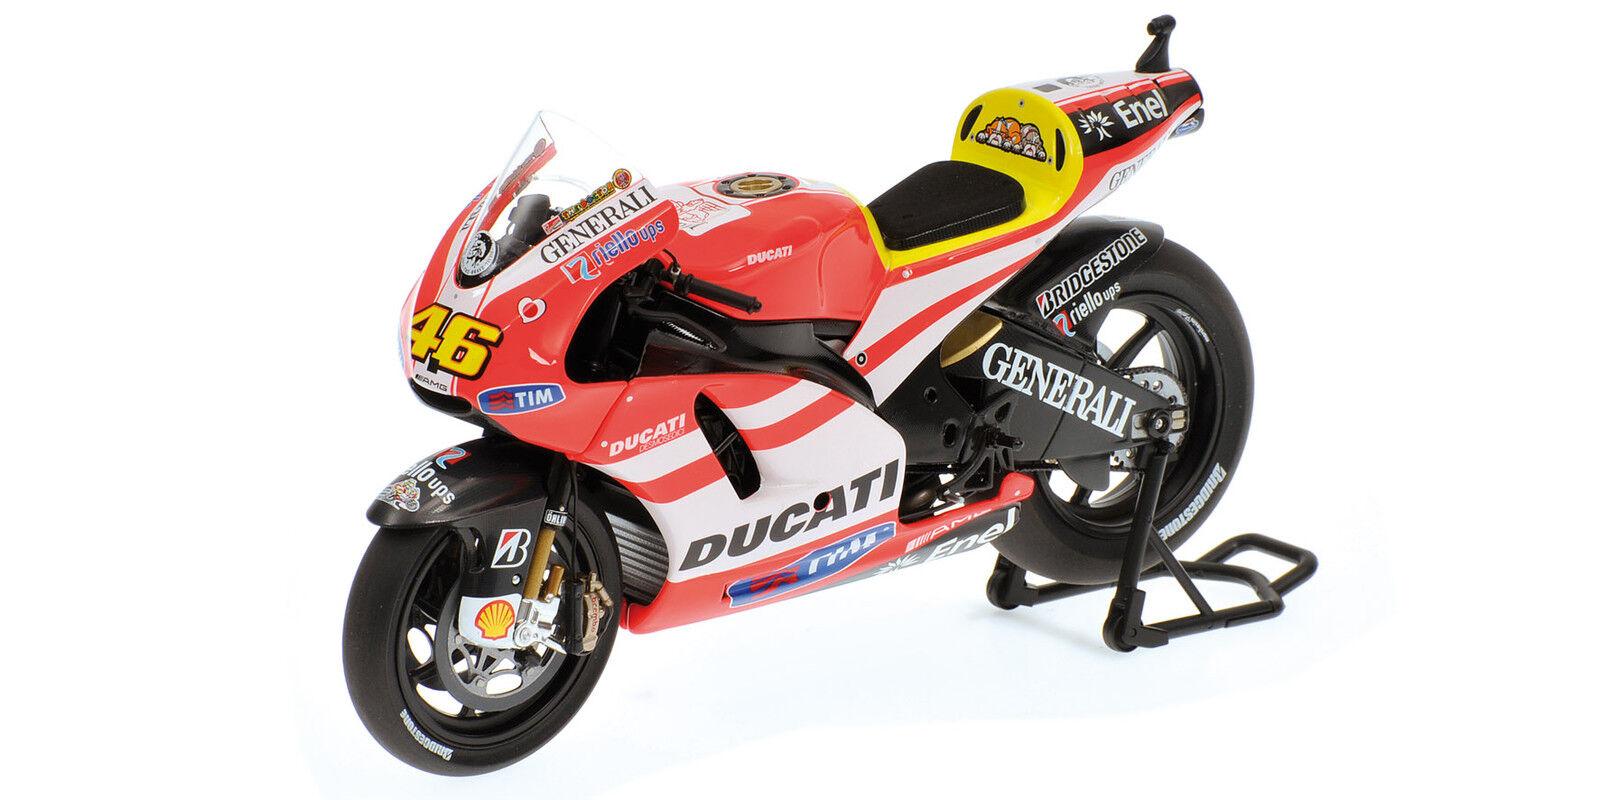 Ducati Desmosedici Valentino Rossi 2011 Minichamps 1 12Th Model MINICHAMPS